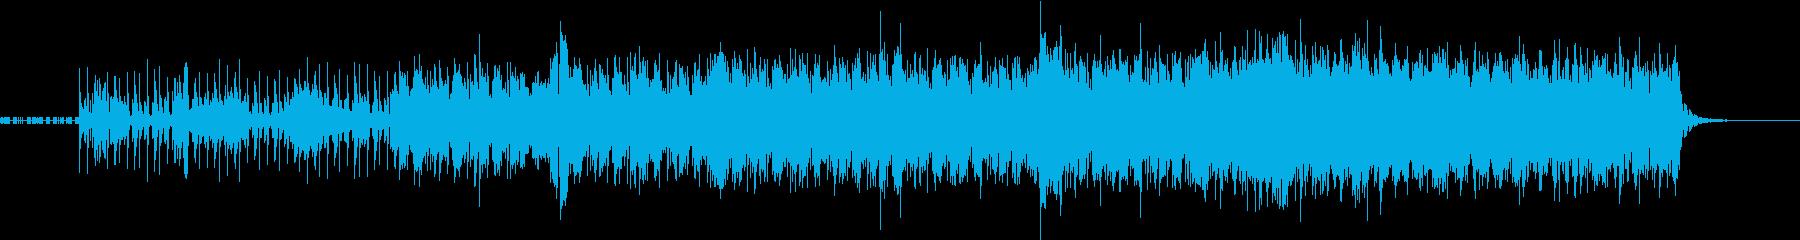 理系の科学的イメージの曲〜beatなし〜の再生済みの波形